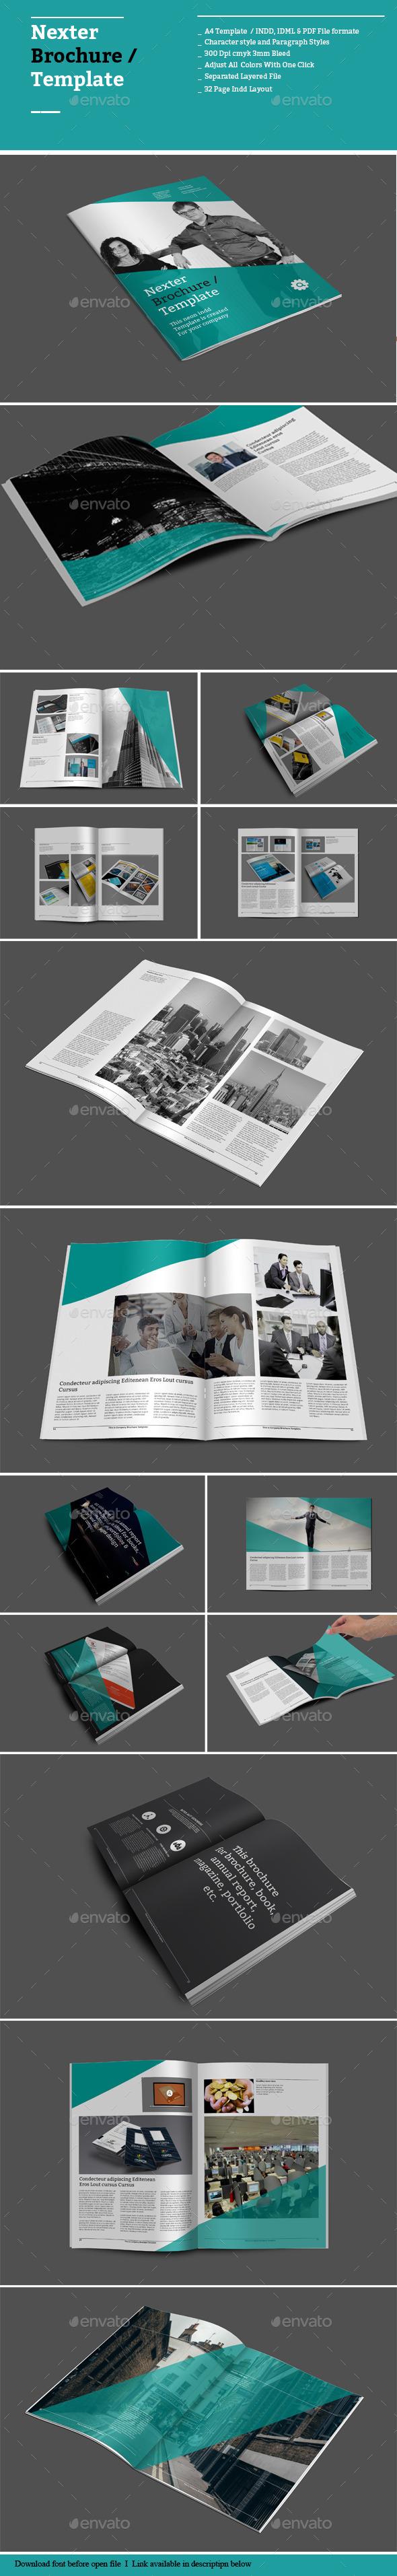 Nexter Brochure Templates - Informational Brochures